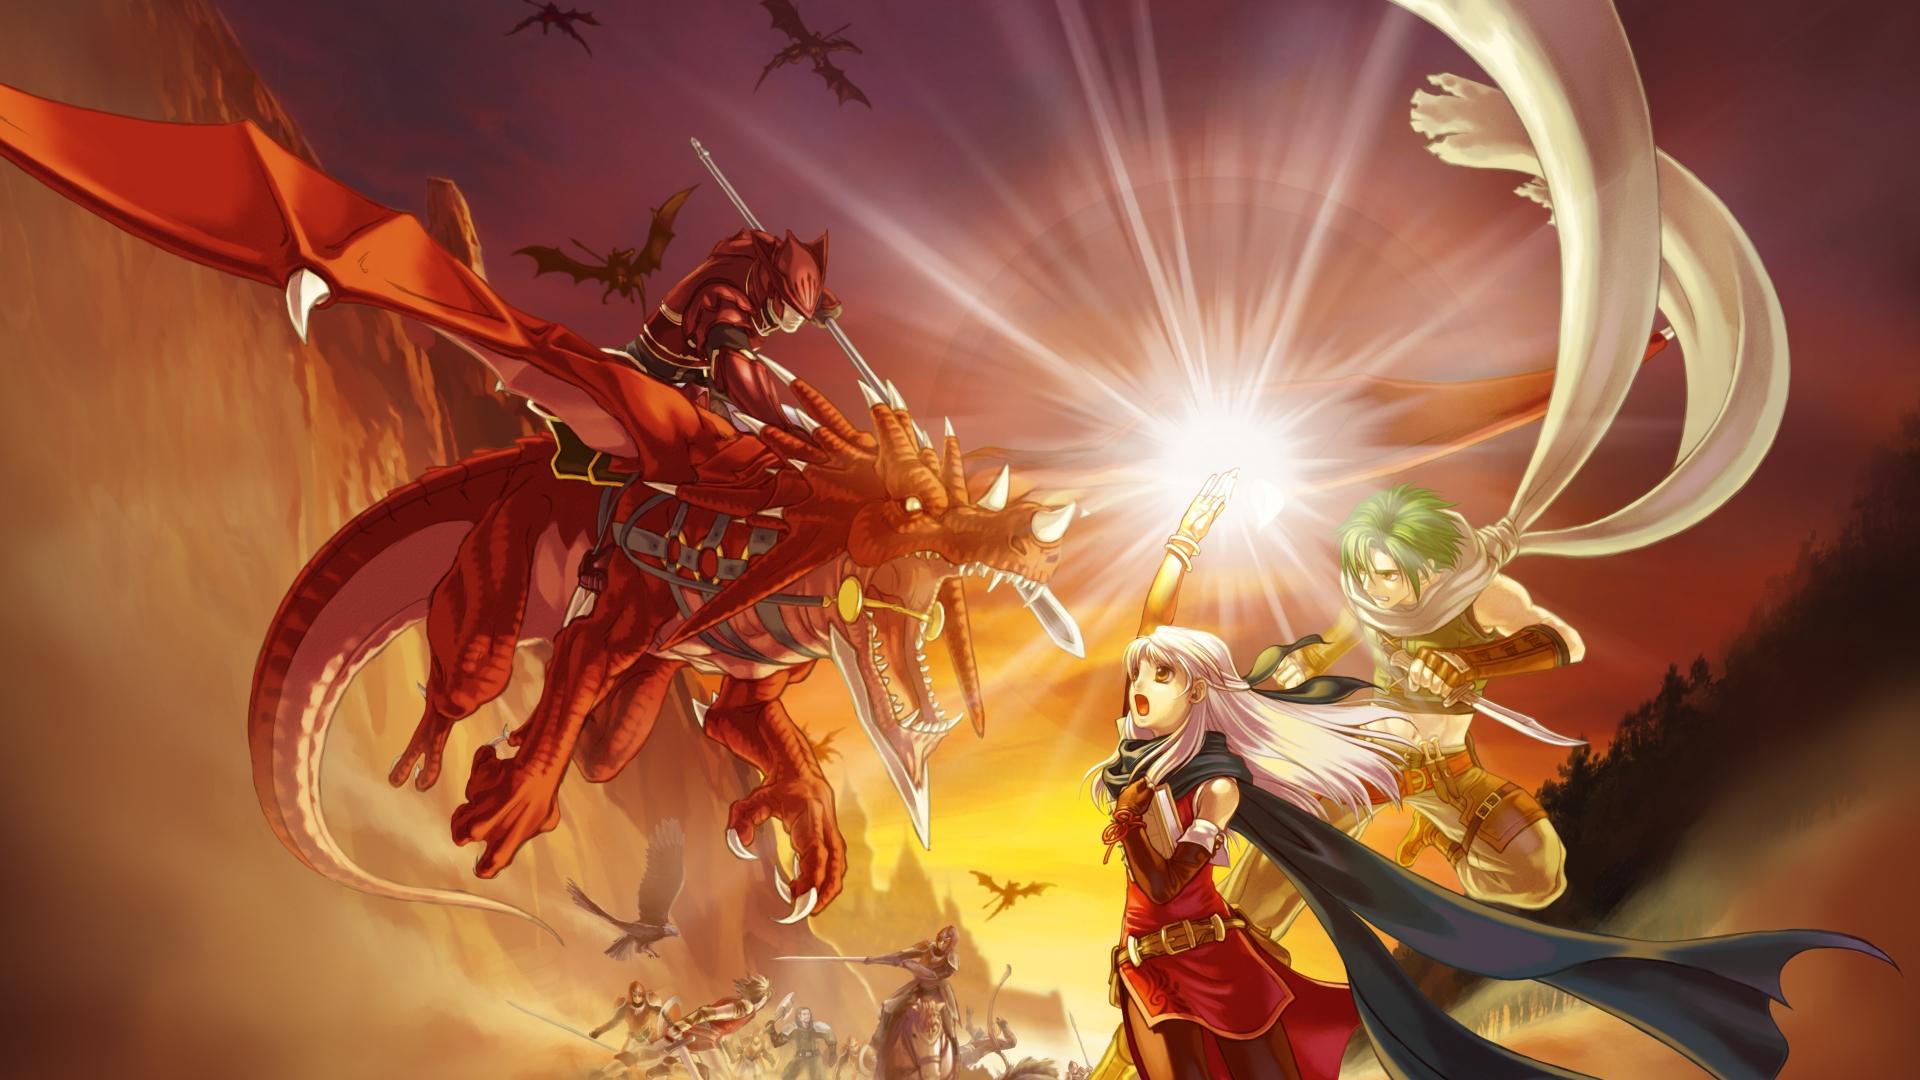 Fire Emblem Radiant Dawn dragon dragons wallpaper 1920x1080 122758 1920x1080